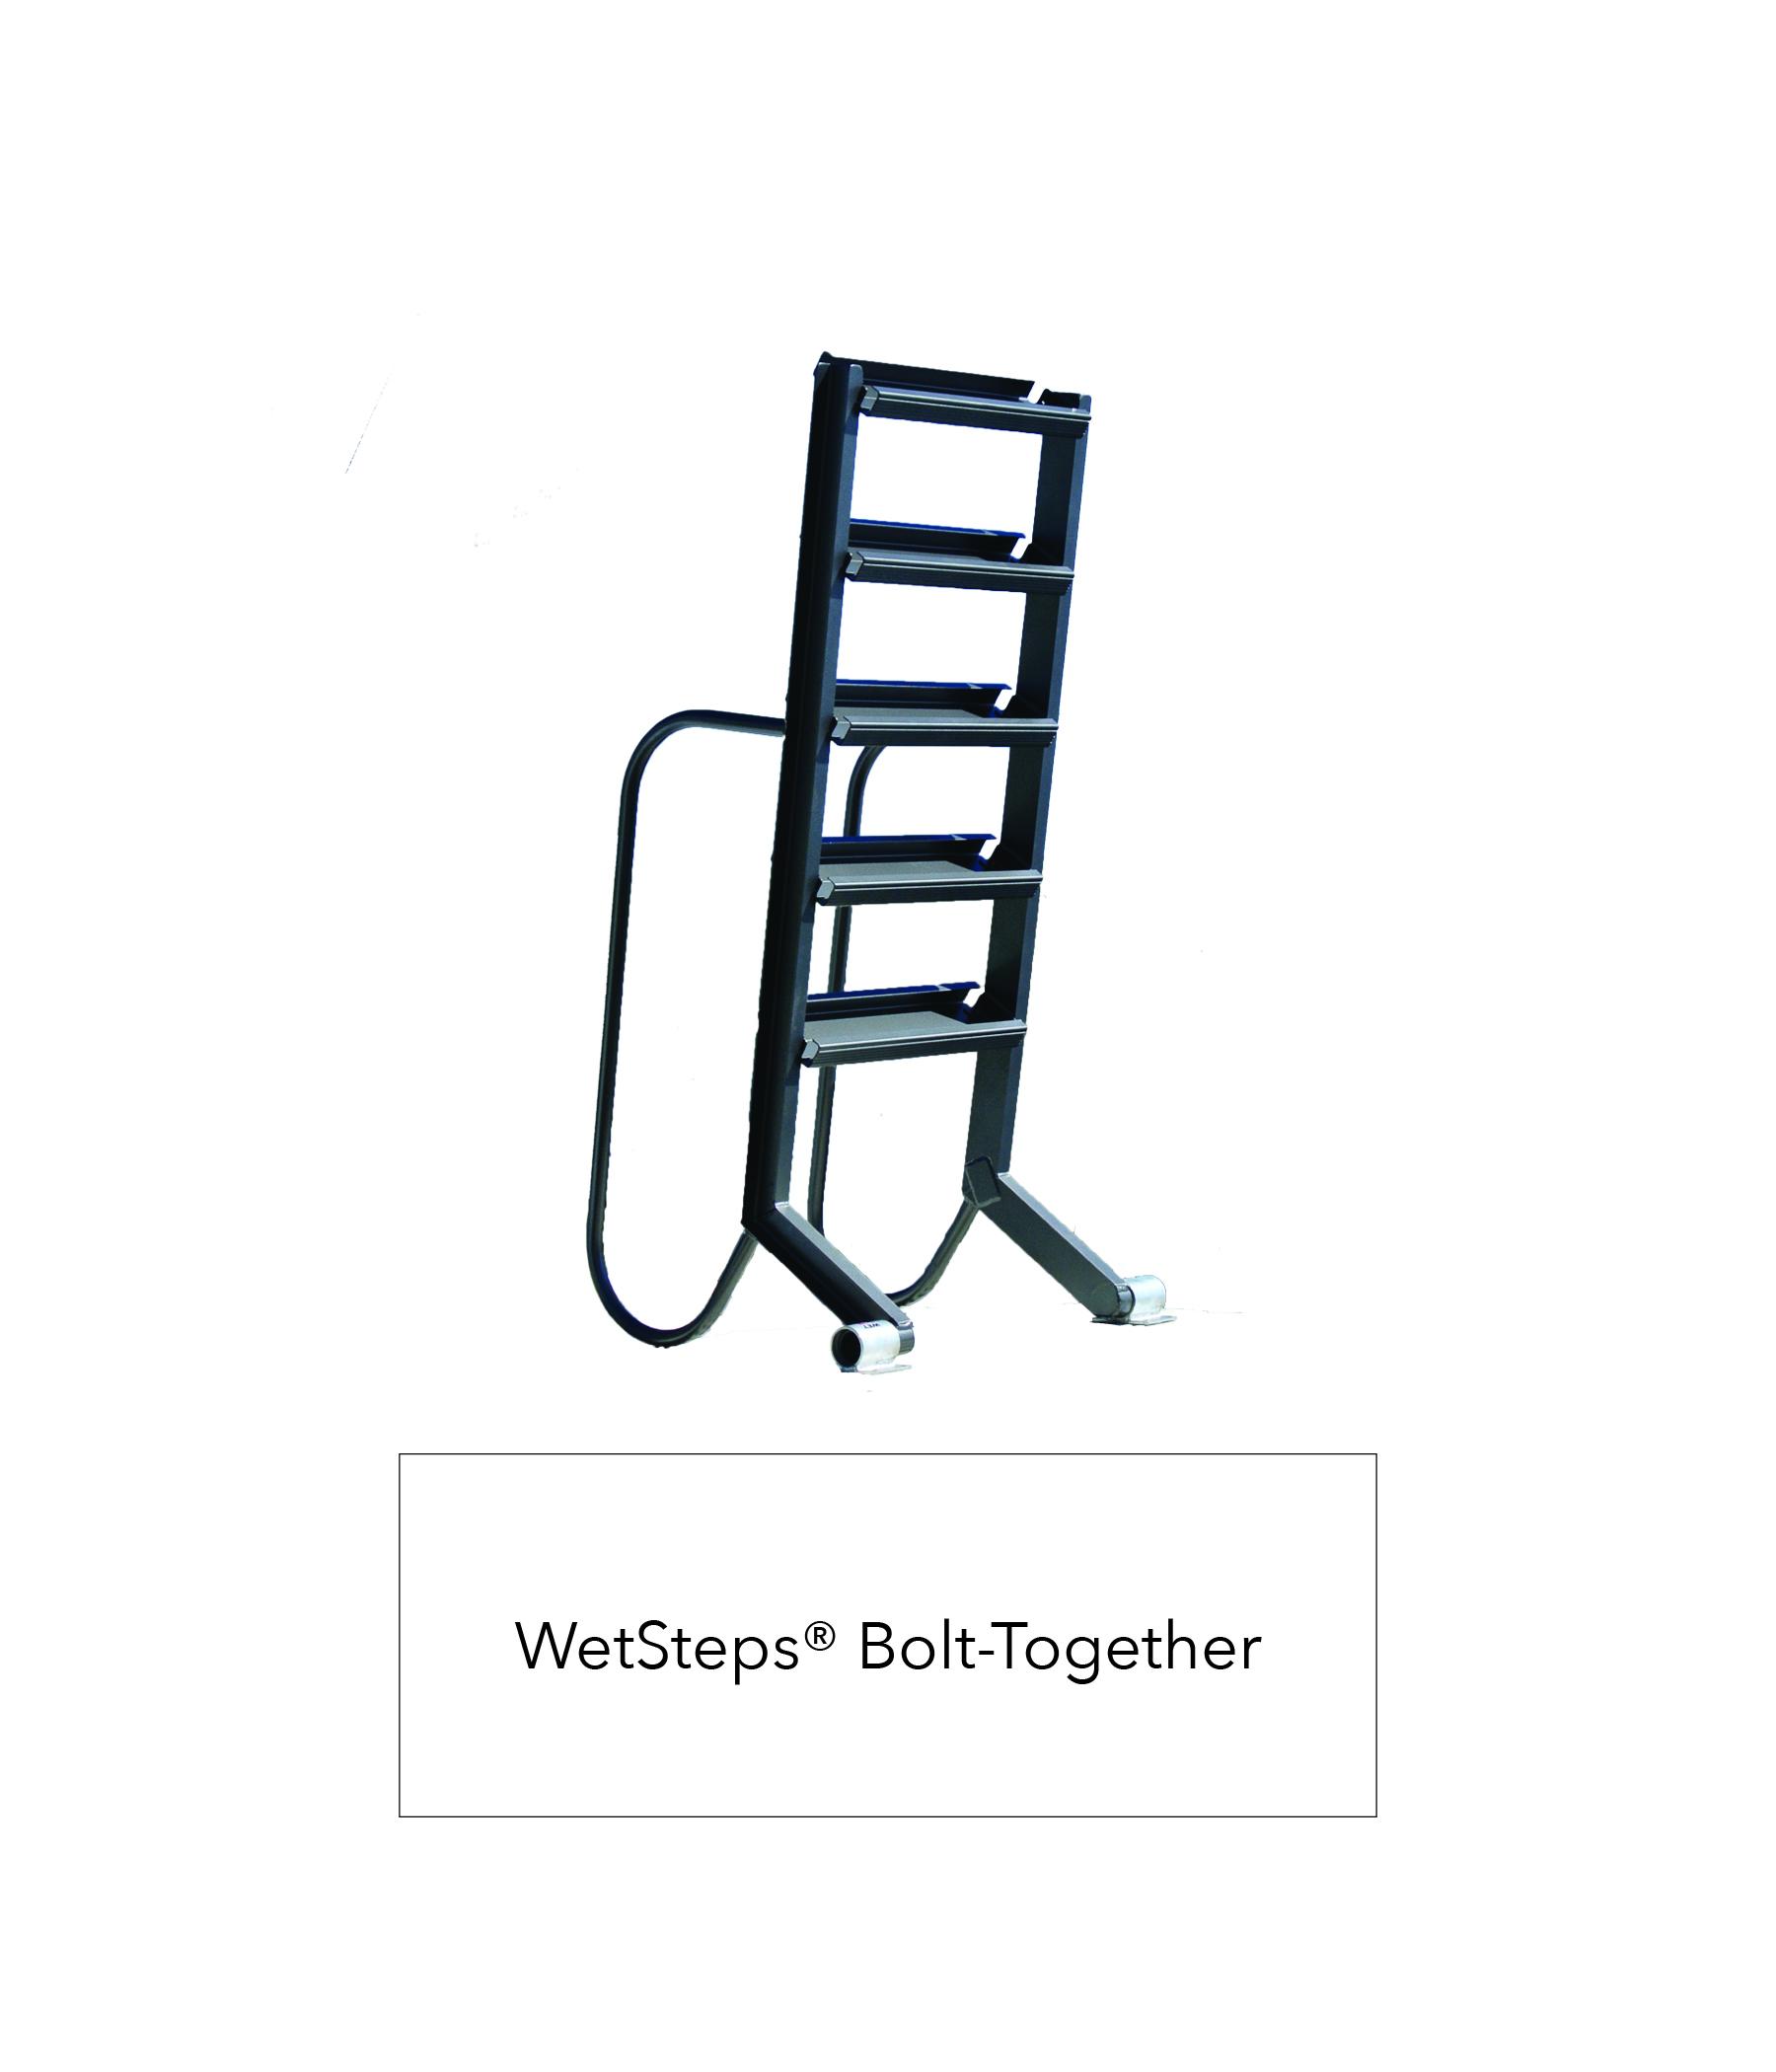 wetsteps bolt together ladder